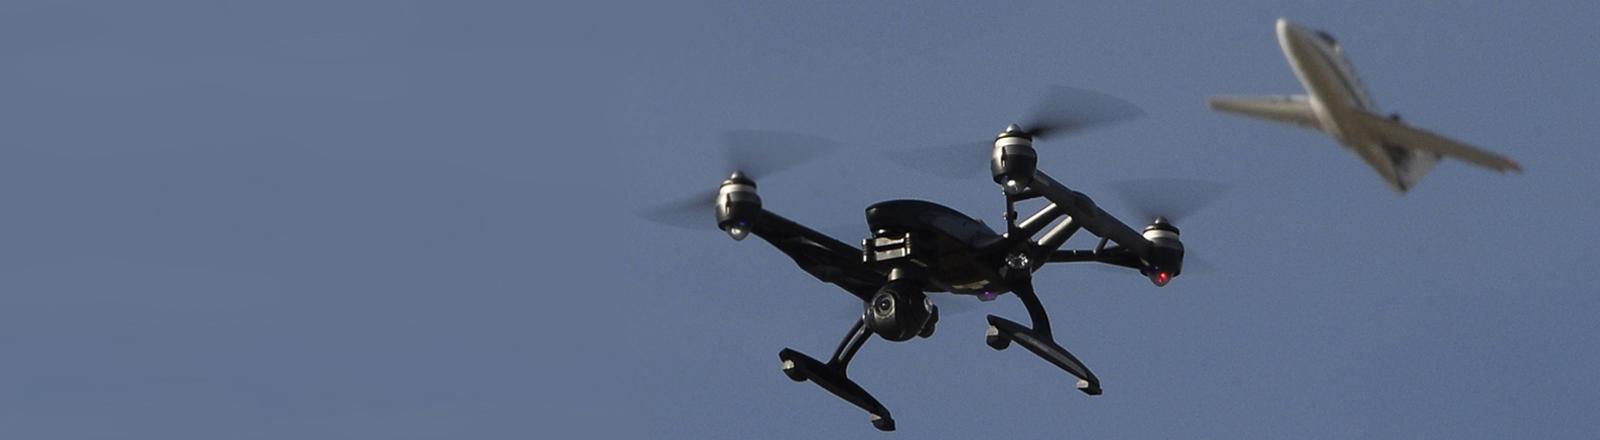 Ein Drohnen-Quadrokopter schwebt vor einem Flugzeug